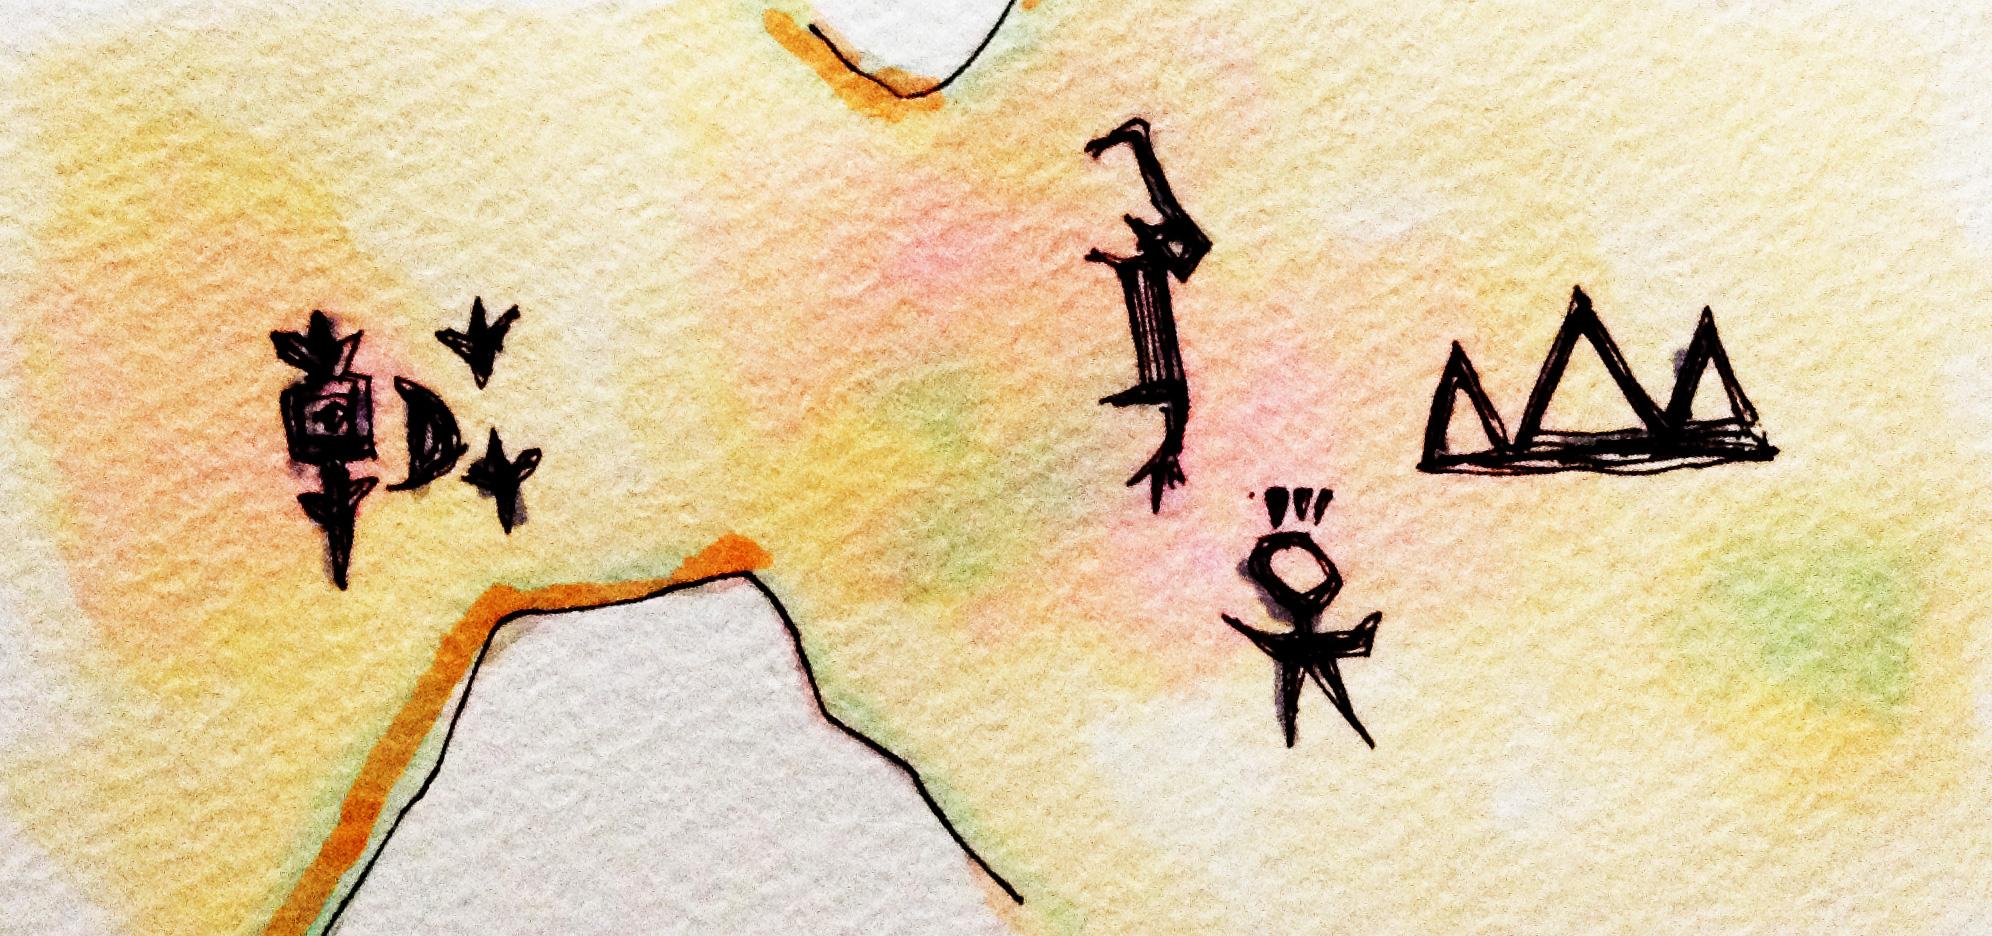 漢字の元である甲骨文字のイメージをコピックマーカーで描いたイラスト